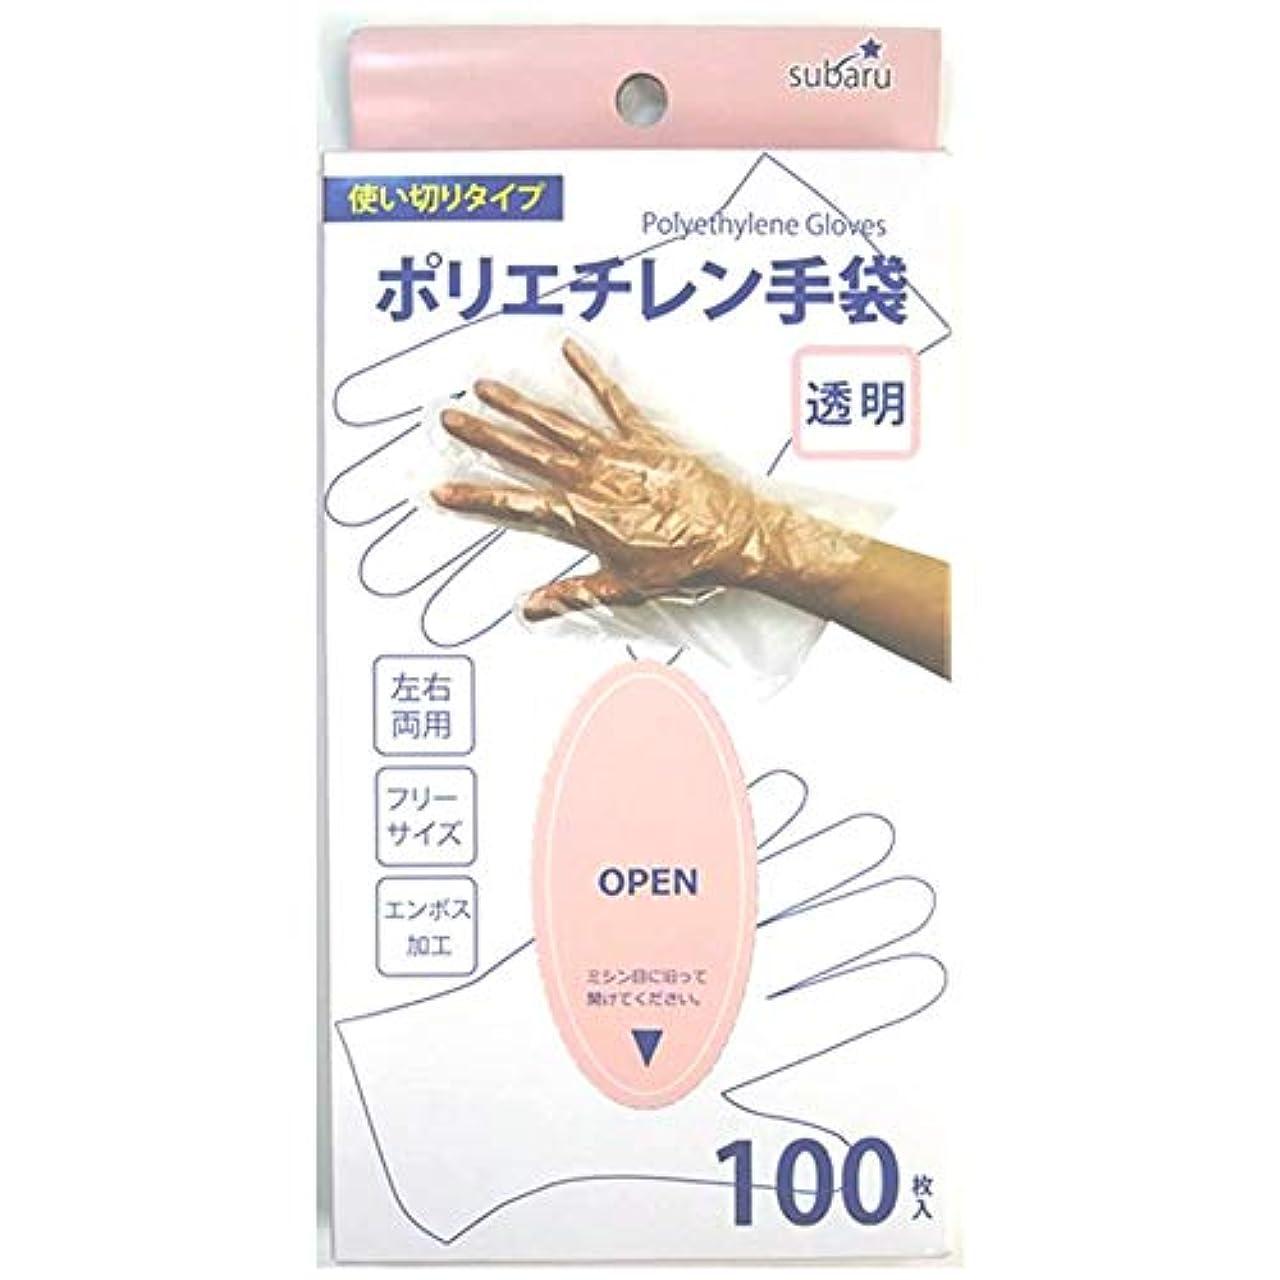 肯定的領域アラバマポリエチレン手袋 透明100枚入 227-29【まとめ買い12個セット】